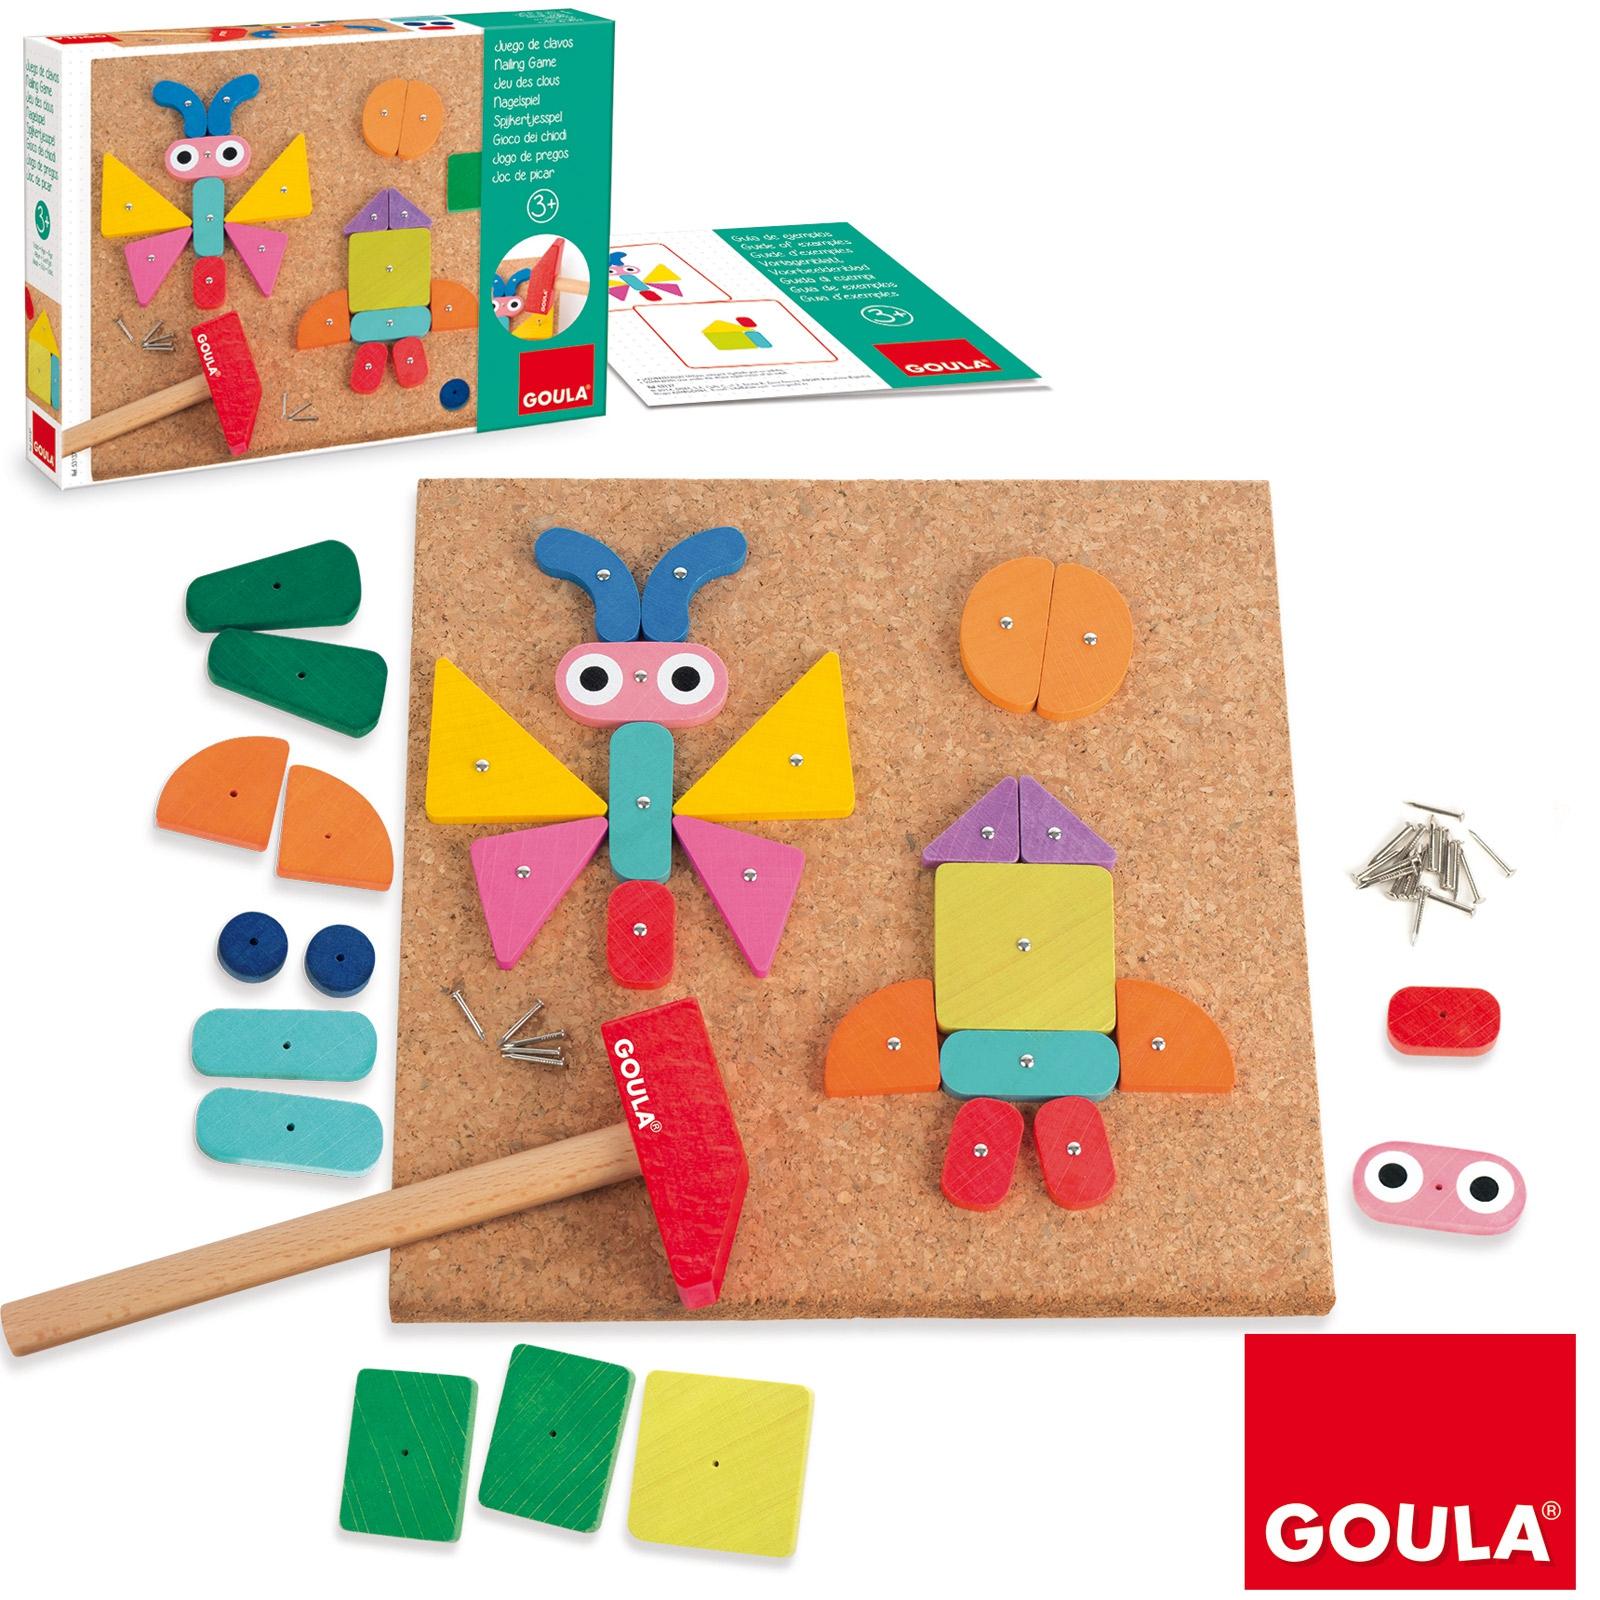 Idées Cadeaux Montessori Pour Enfants De 18 Mois À 3 Ans dedans Jeux Educatif 2 Ans